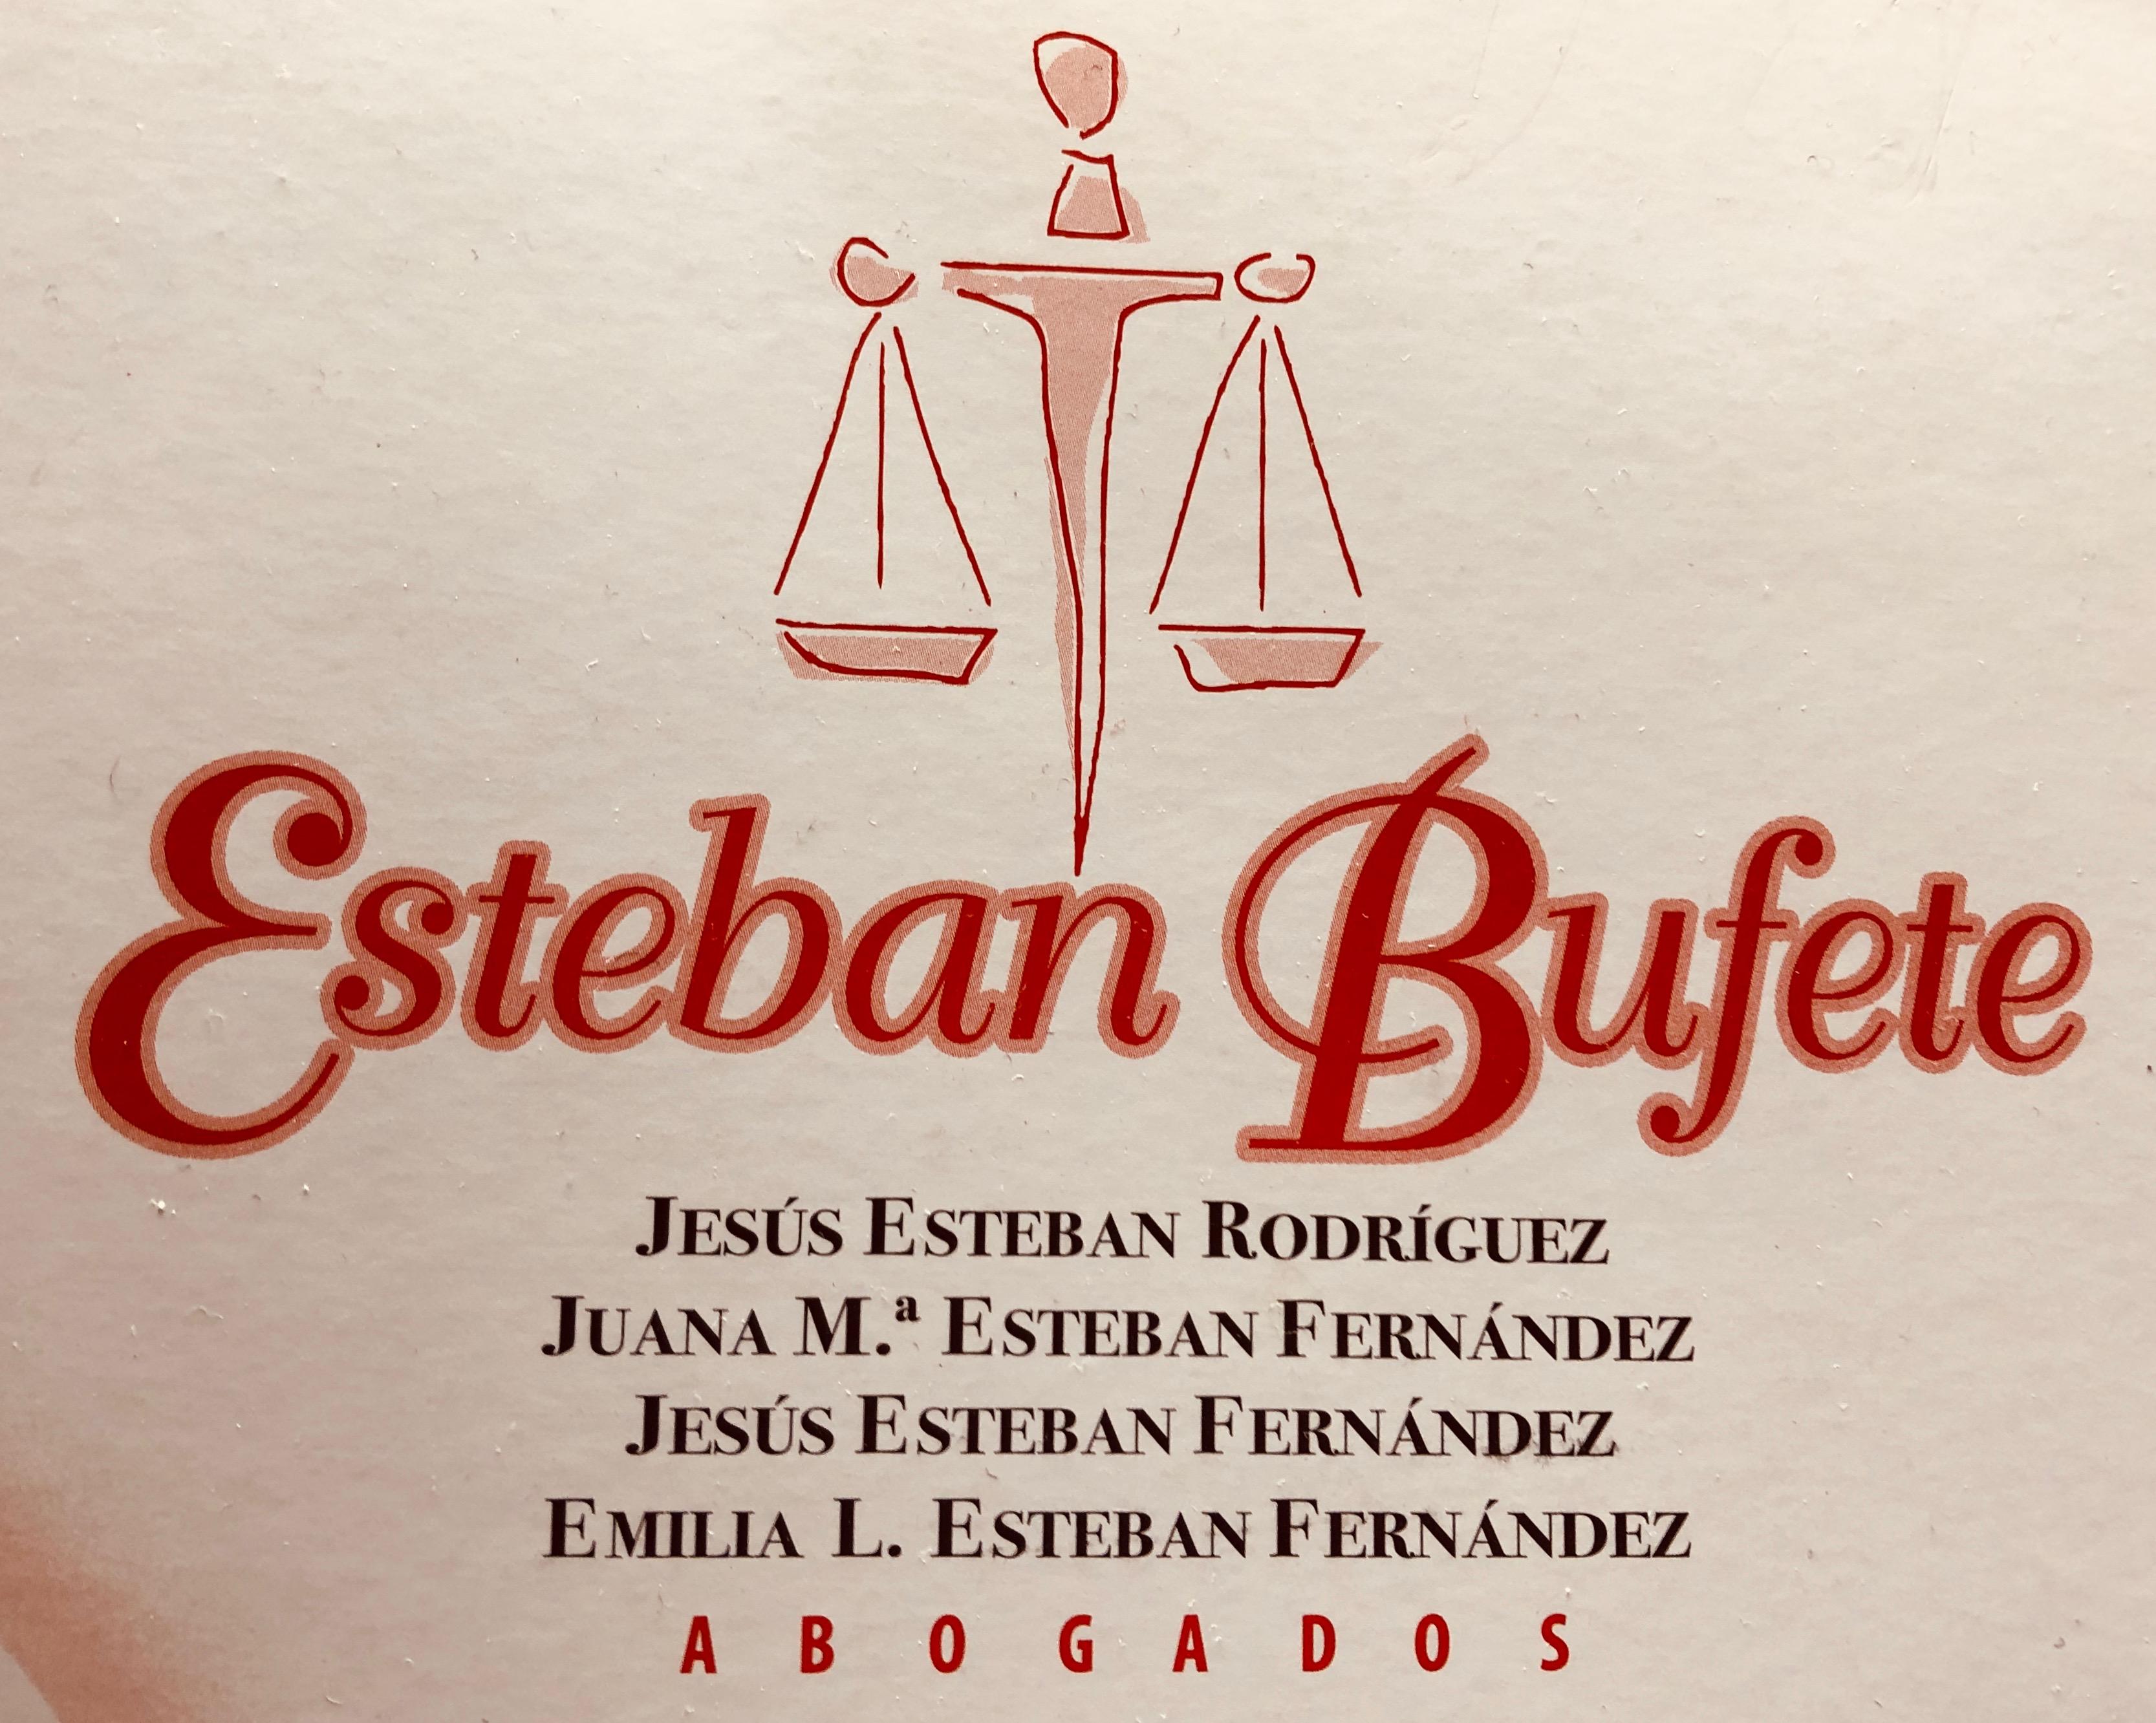 Esteban Bufete - Abogados